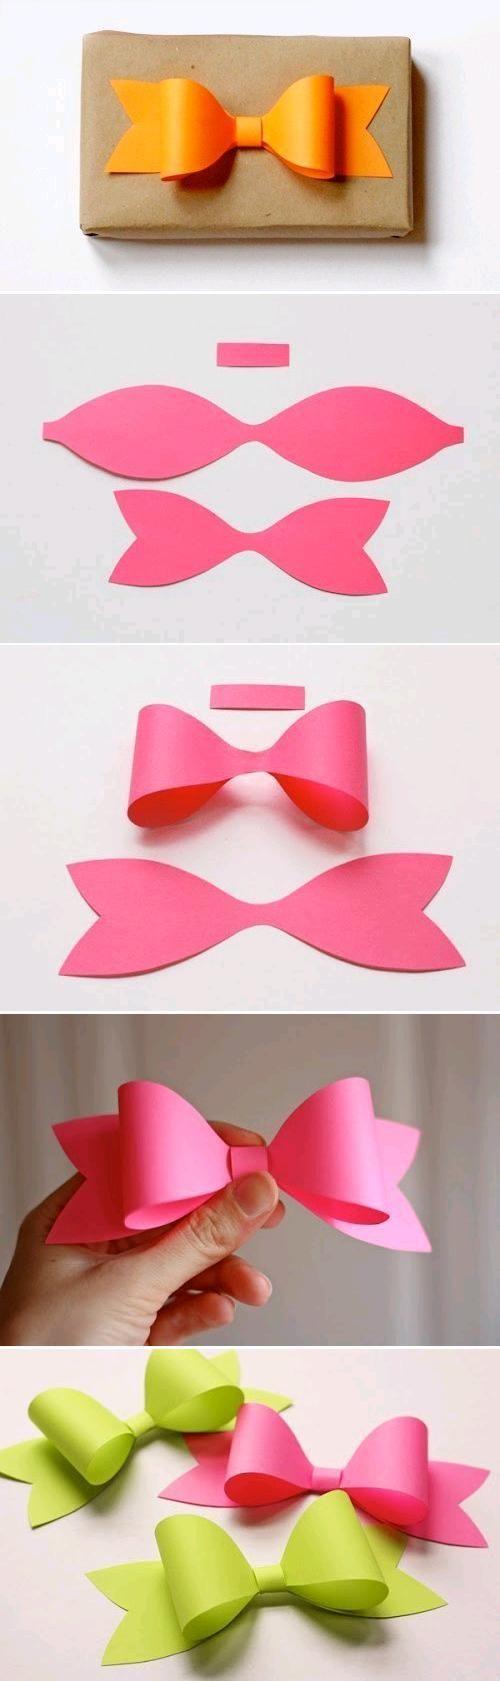 Voilà une super jolie idée pour vos emballages de cadeaux de Noël !  De Nada ;)  photo : pinterest                                                                                                                                                                                 Plus